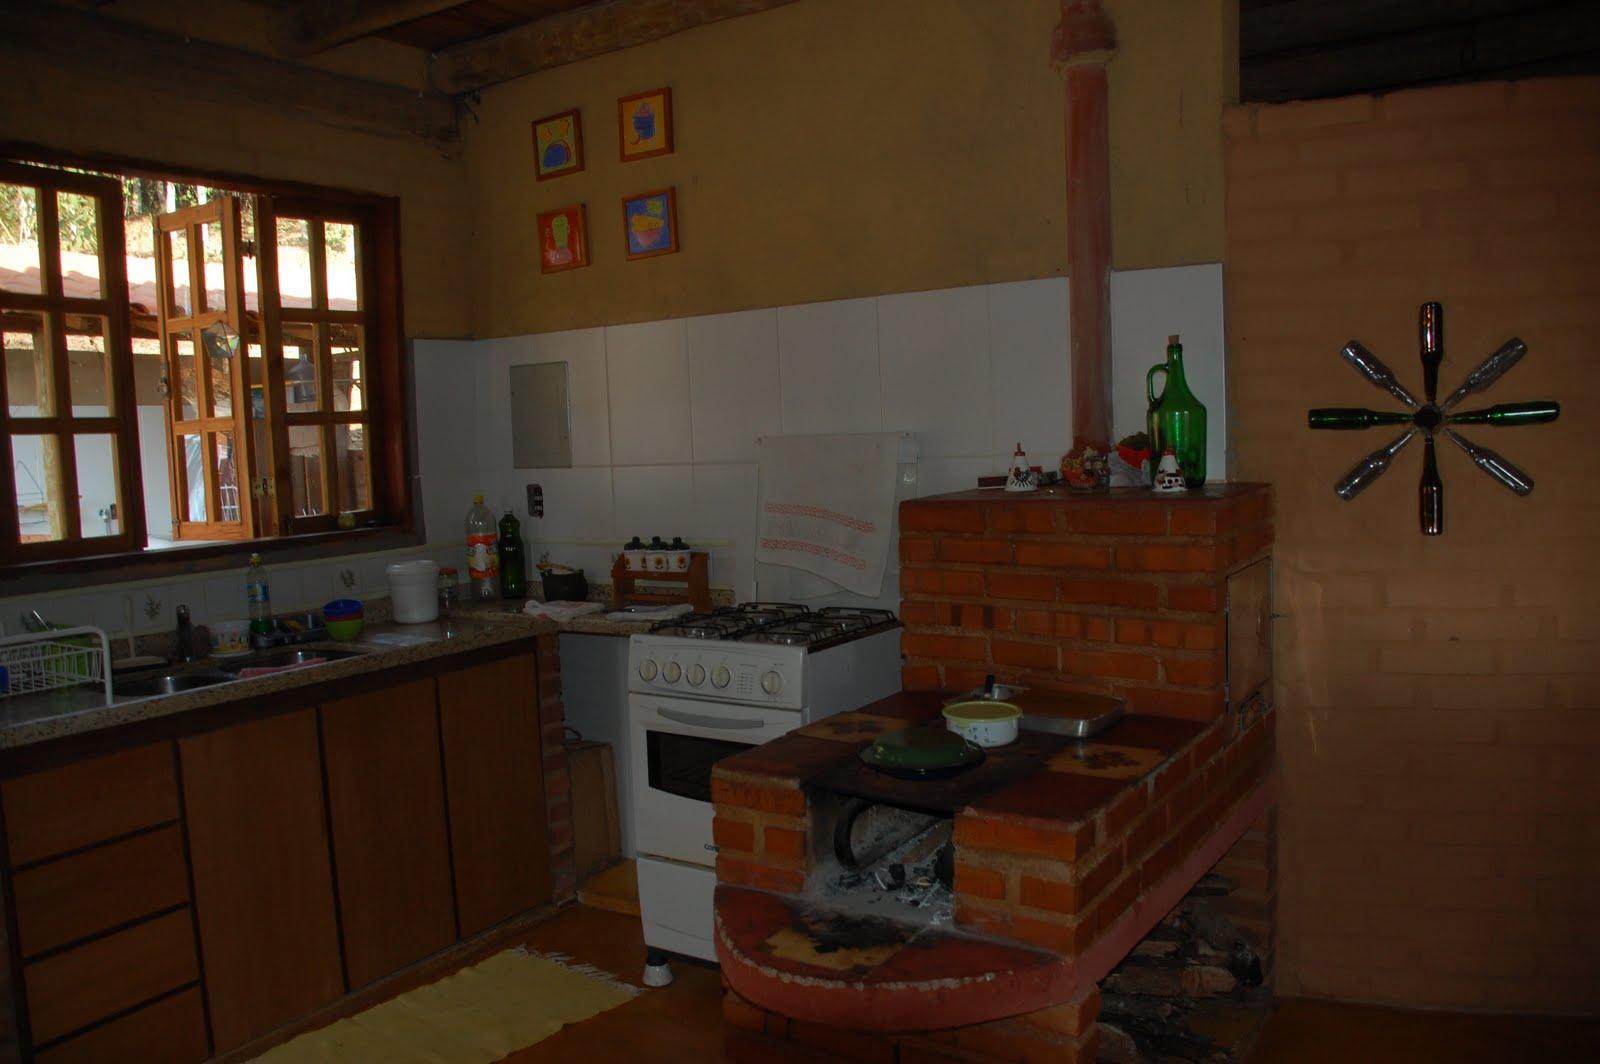 #352114 pátios cozinhas e quintais: Cozinha Antroposófica 3266 Janelas De Madeira Em Vicosa